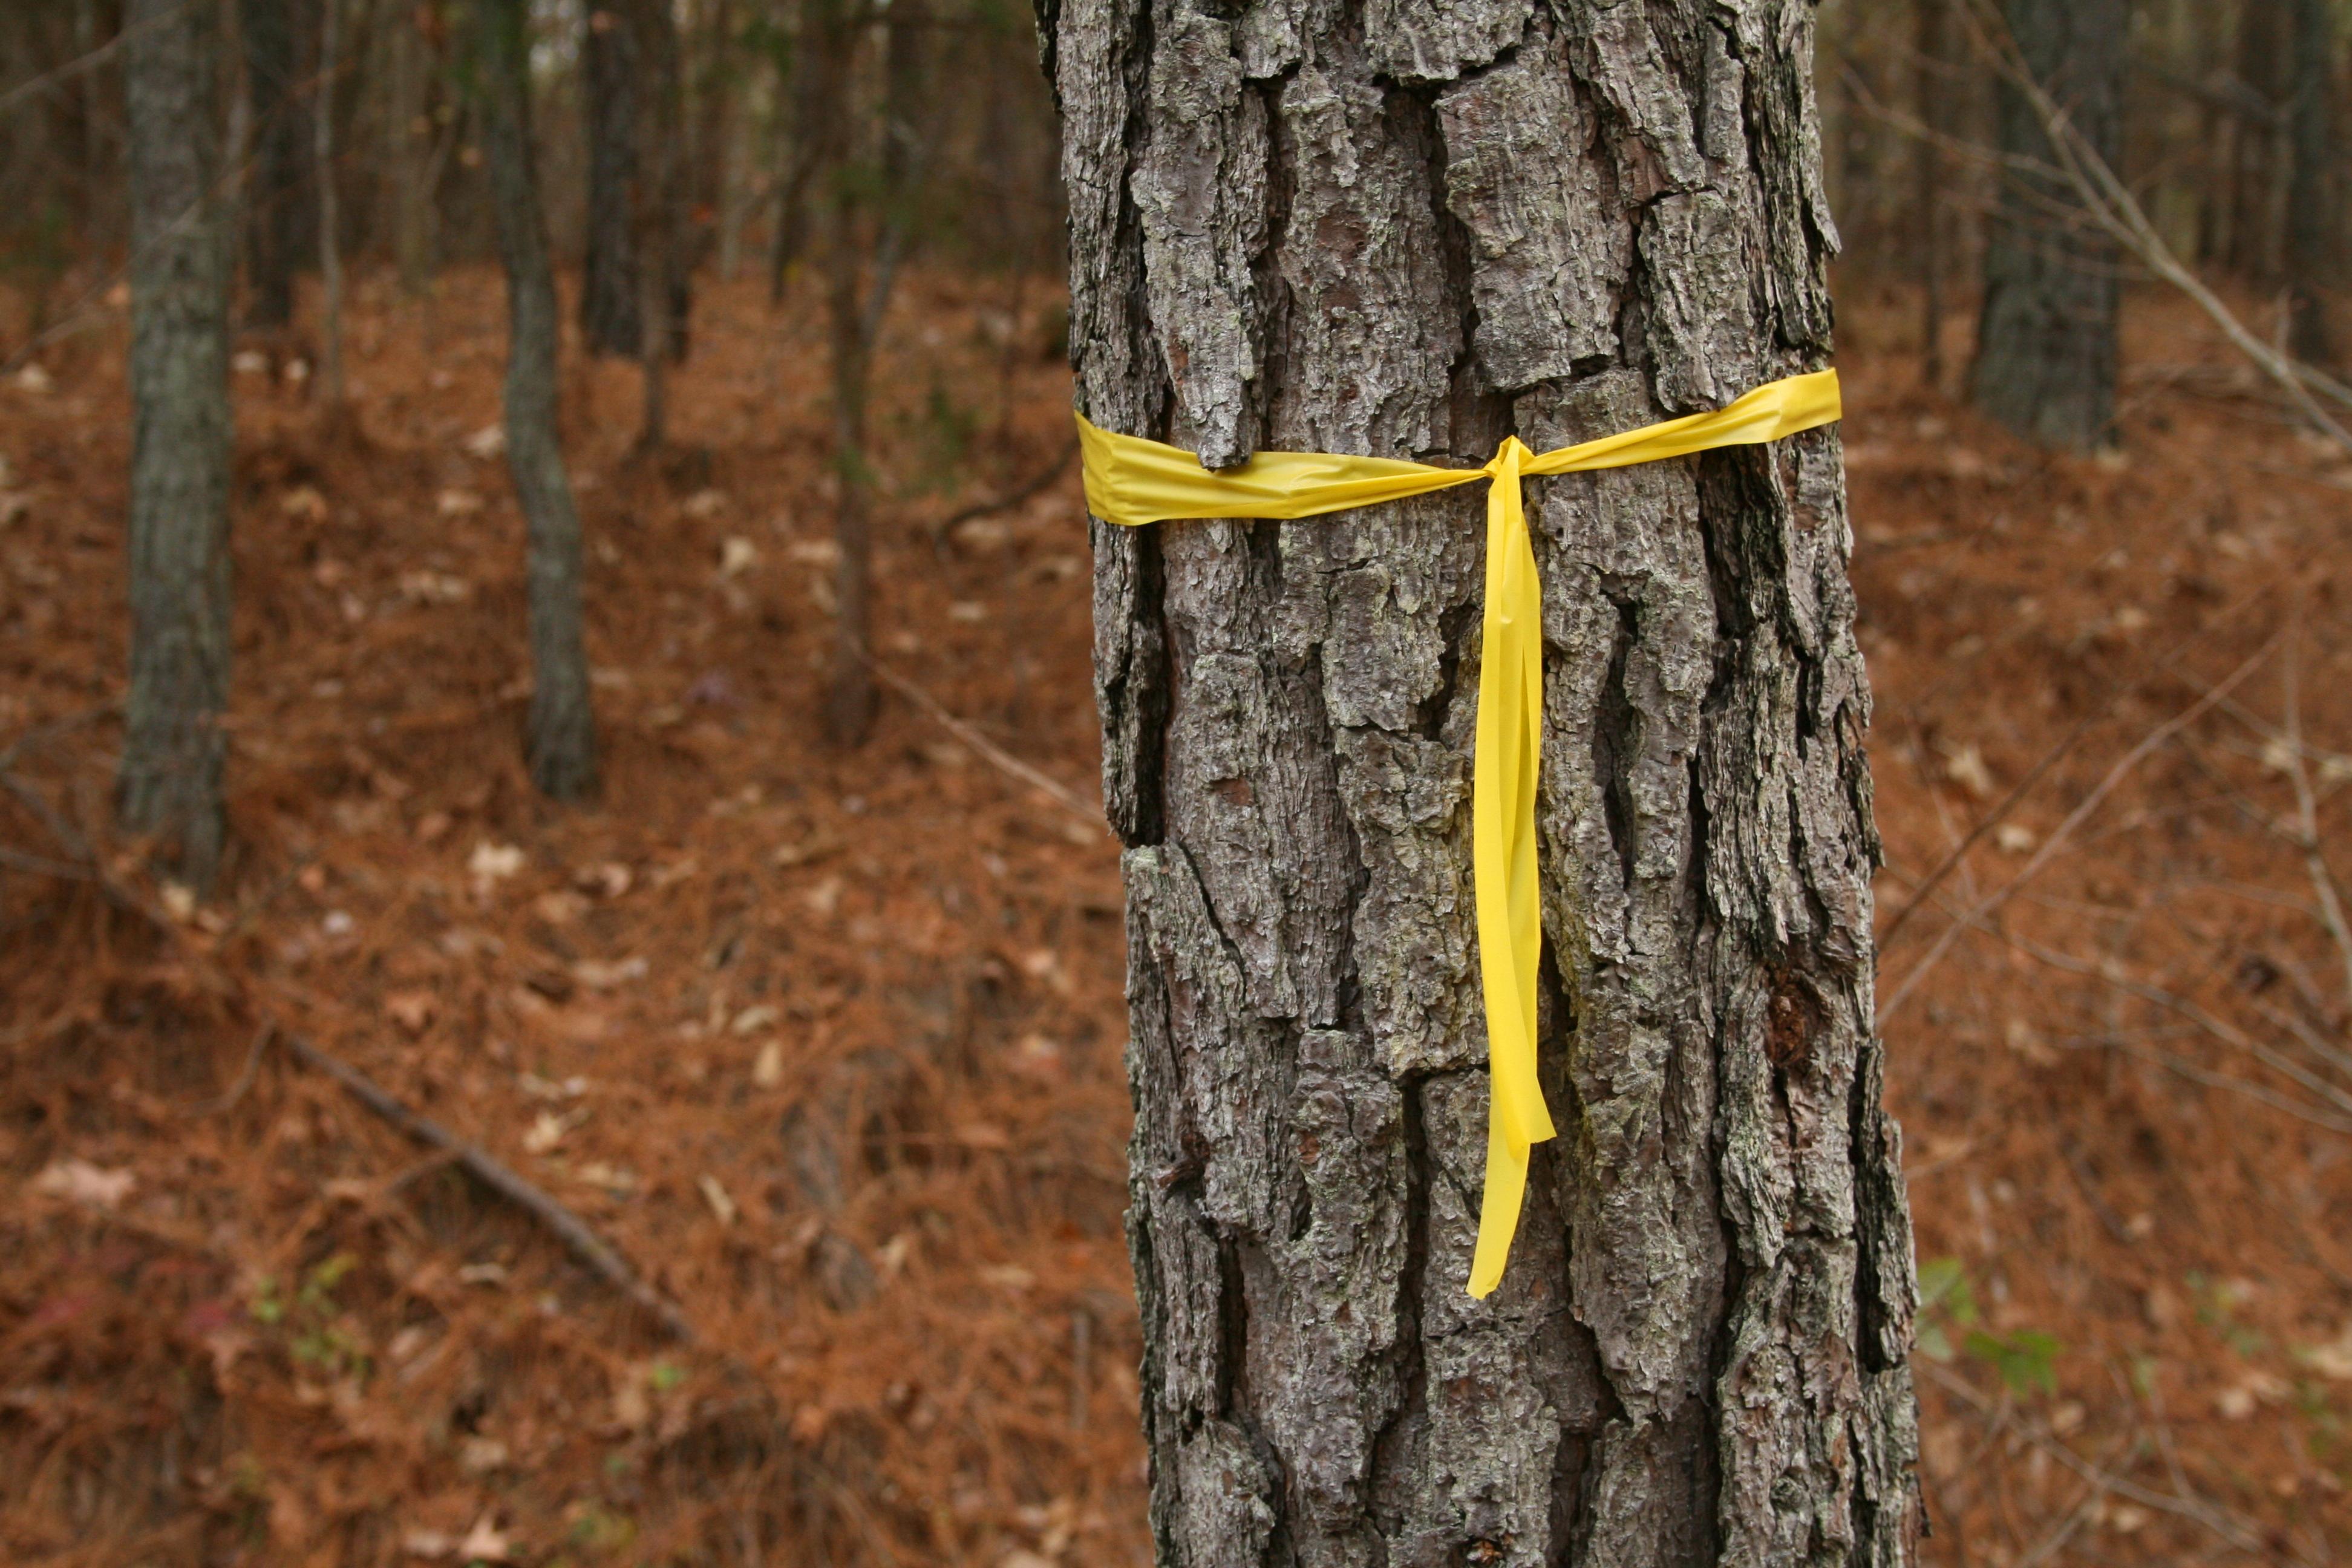 Tree Marking Symbols Yellow Ribbon Marking a Tree